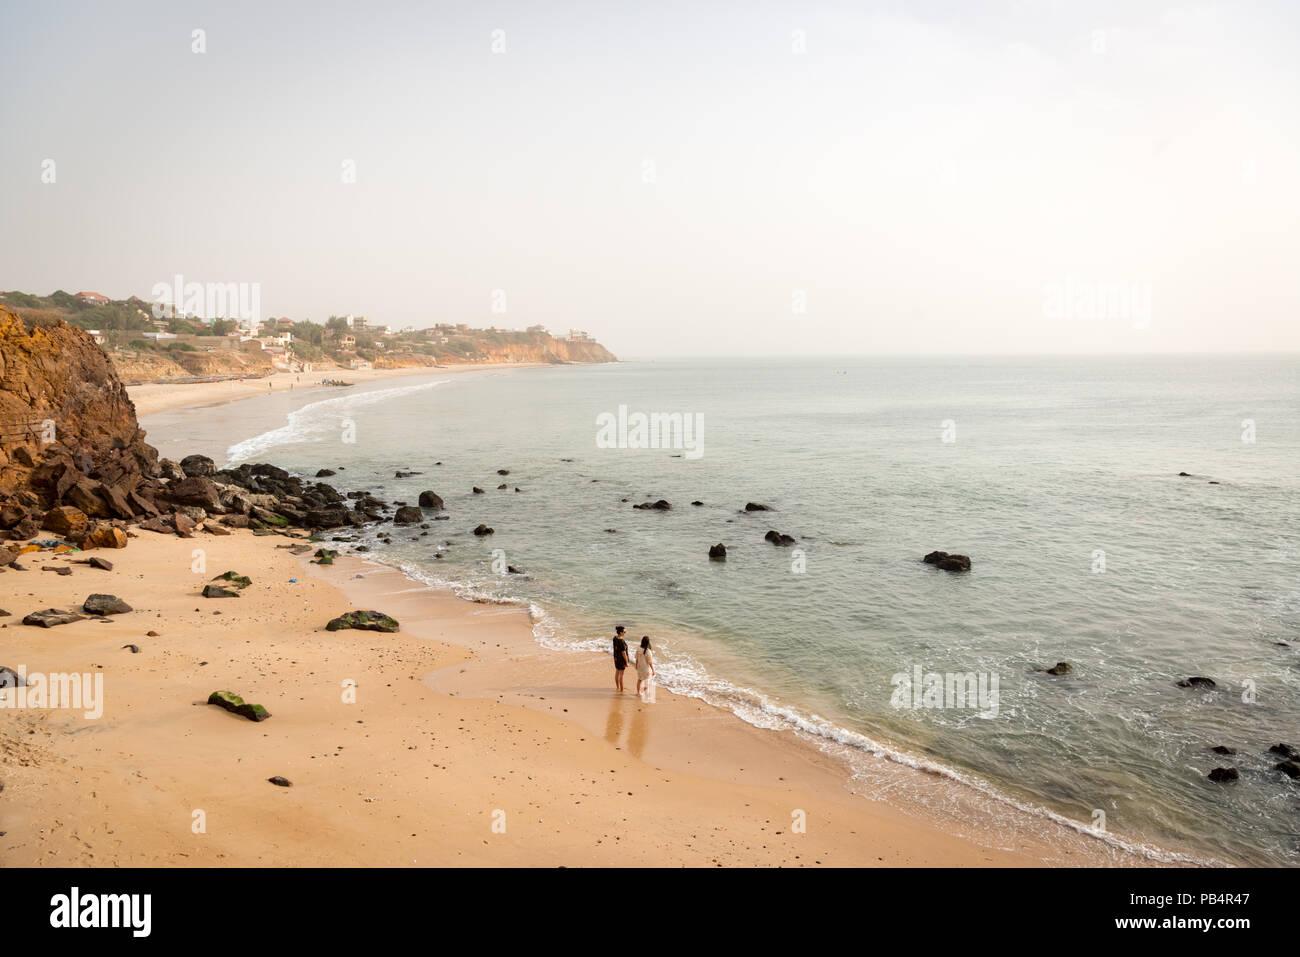 La plage de Toubab au Sénégal, Diaolao Photo Stock